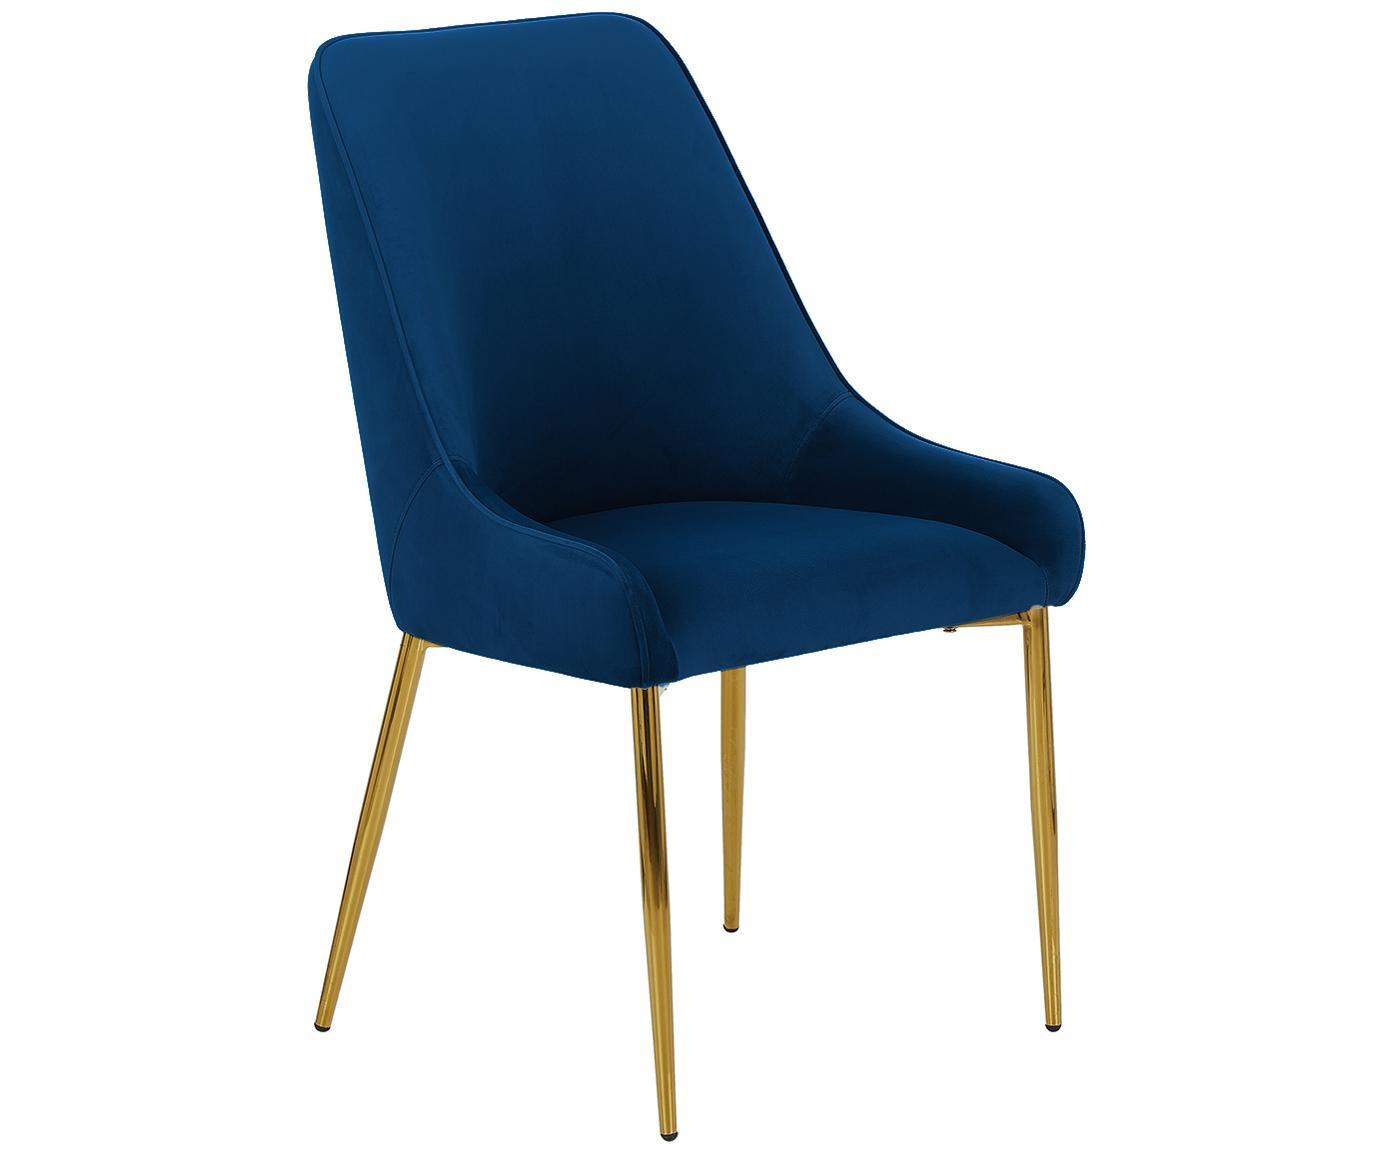 Sedia imbottita in velluto Ava, Rivestimento: velluto (100% poliestere), Gambe: metallo zincato, Blu scuro, Larg. 53 x Alt. 60 cm